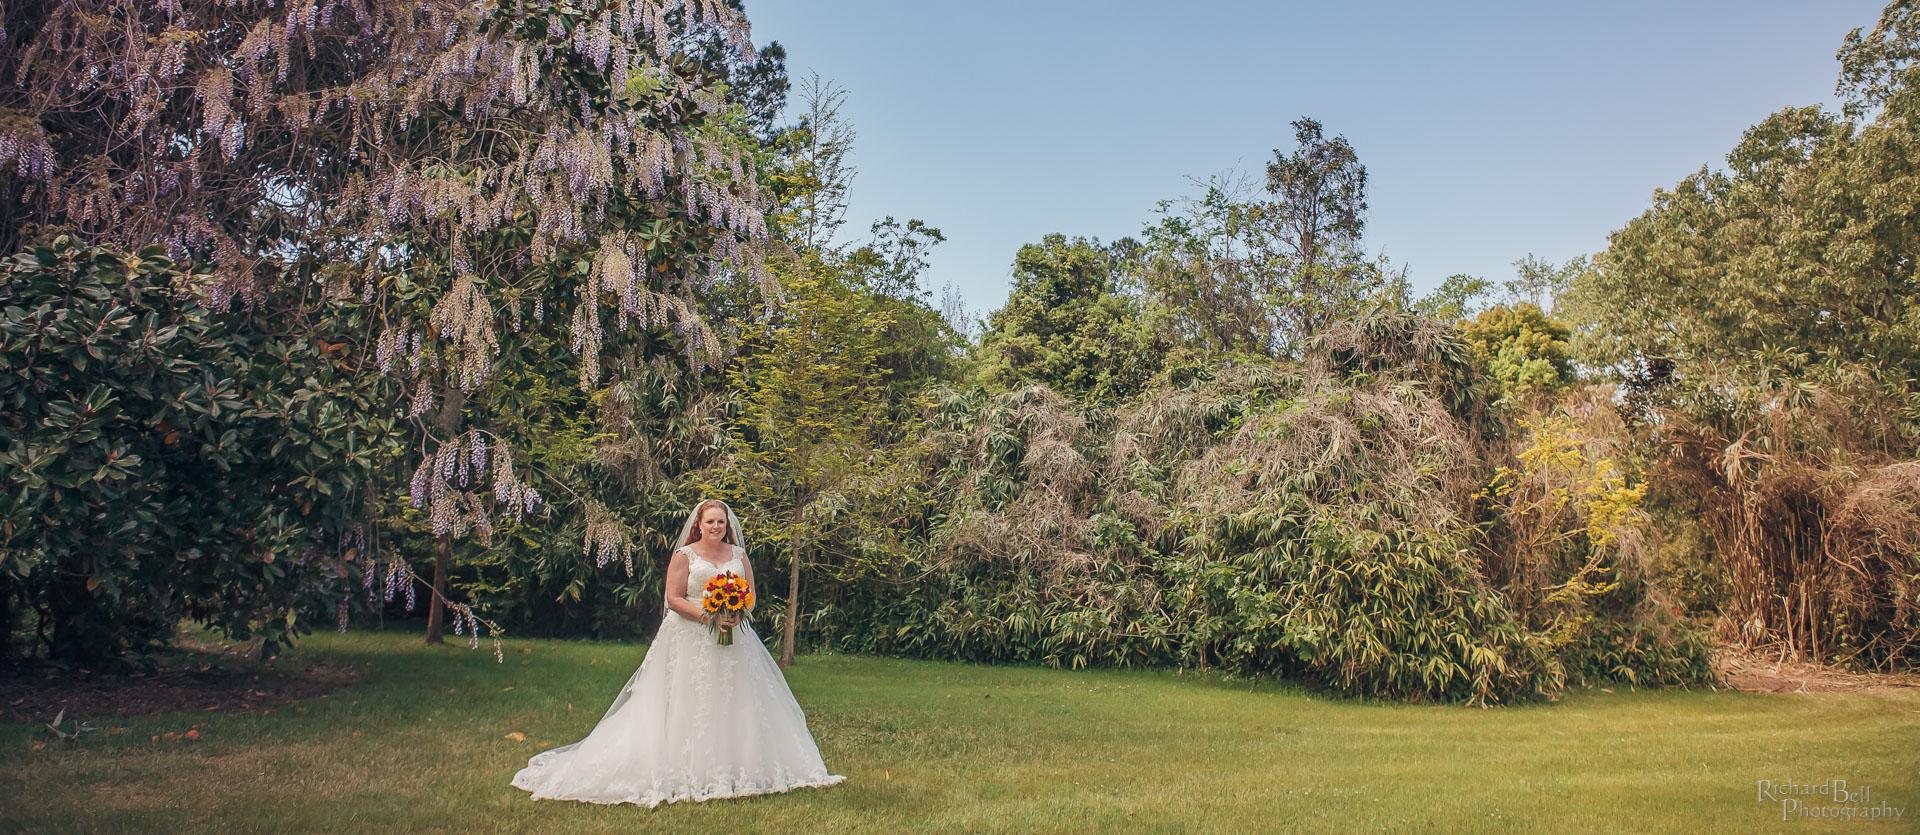 Darcy Bridal